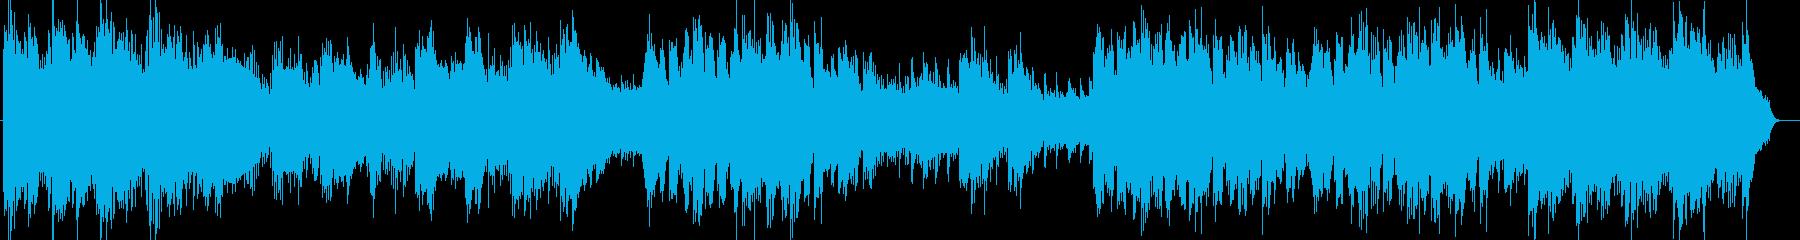 ゆったりとしたピアノがメインのインスト曲の再生済みの波形